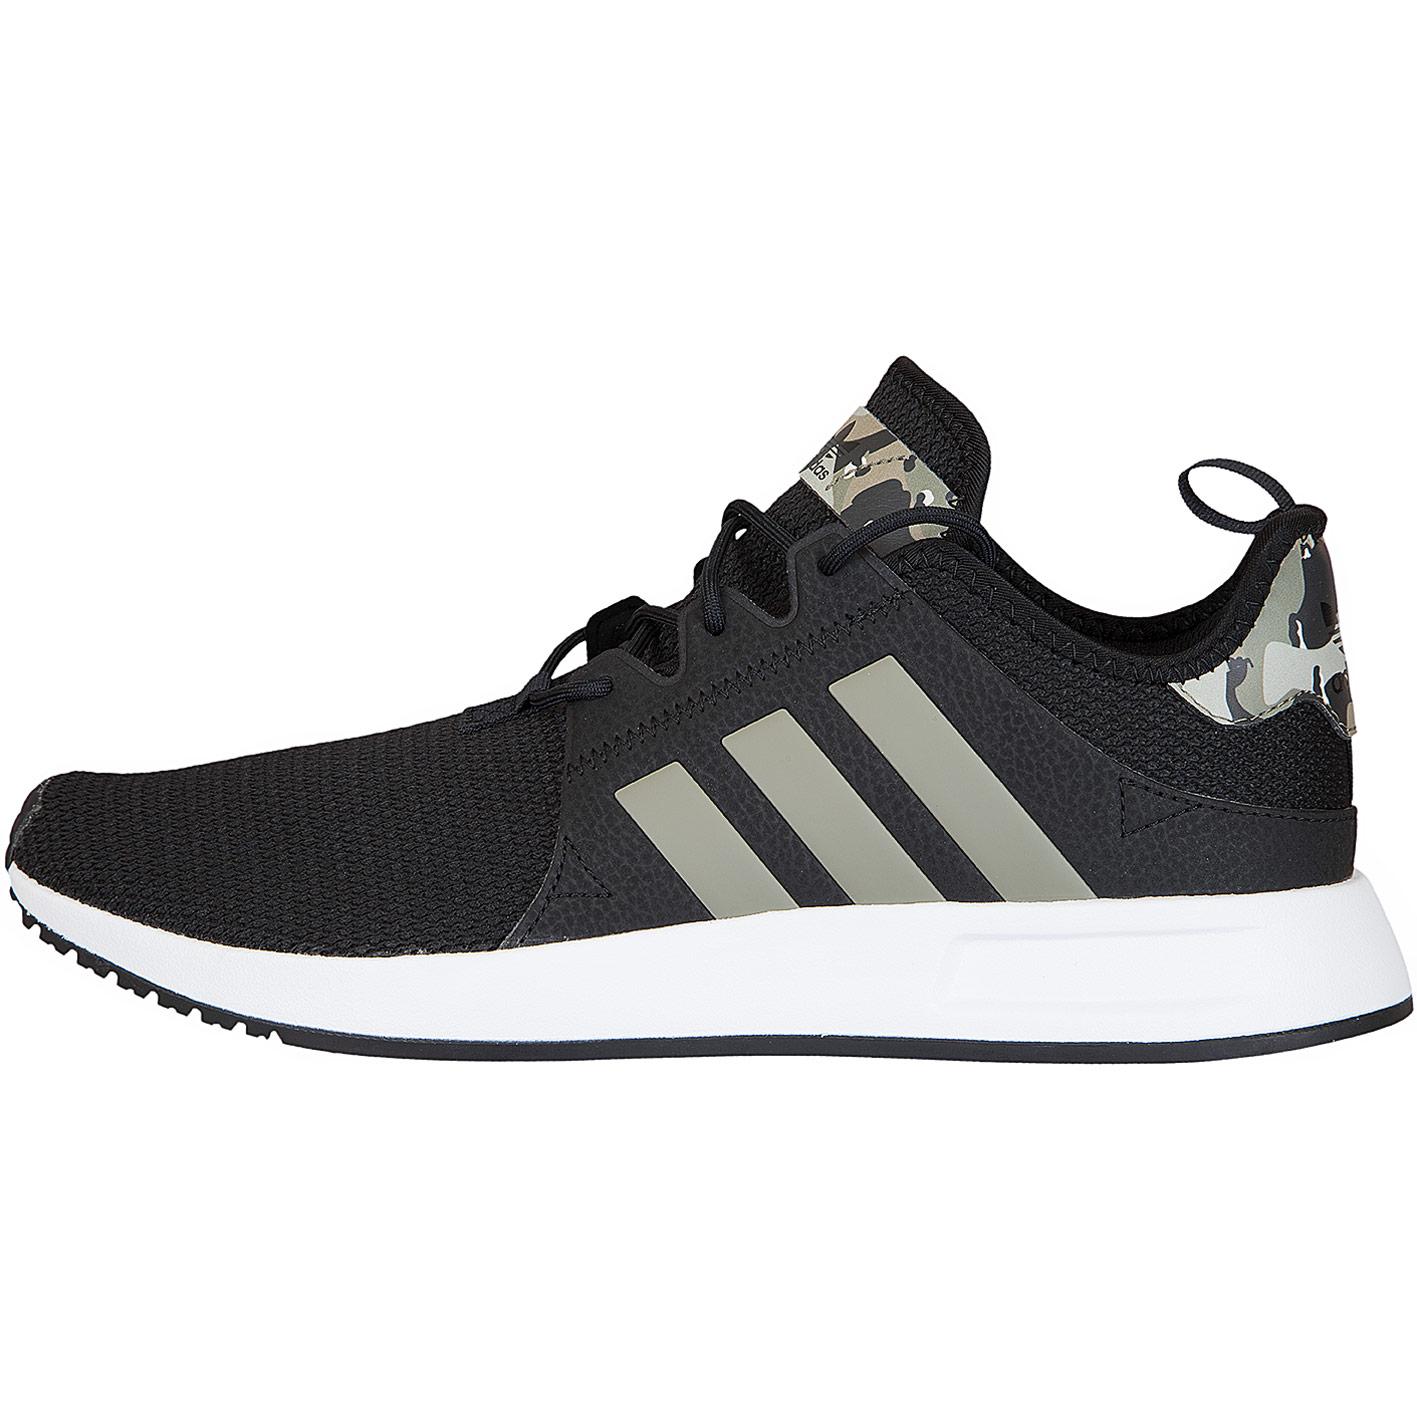 4bacec7a72 ☆ Adidas Originals Sneaker X PLR schwarz/dunkelgrau - hier bestellen!